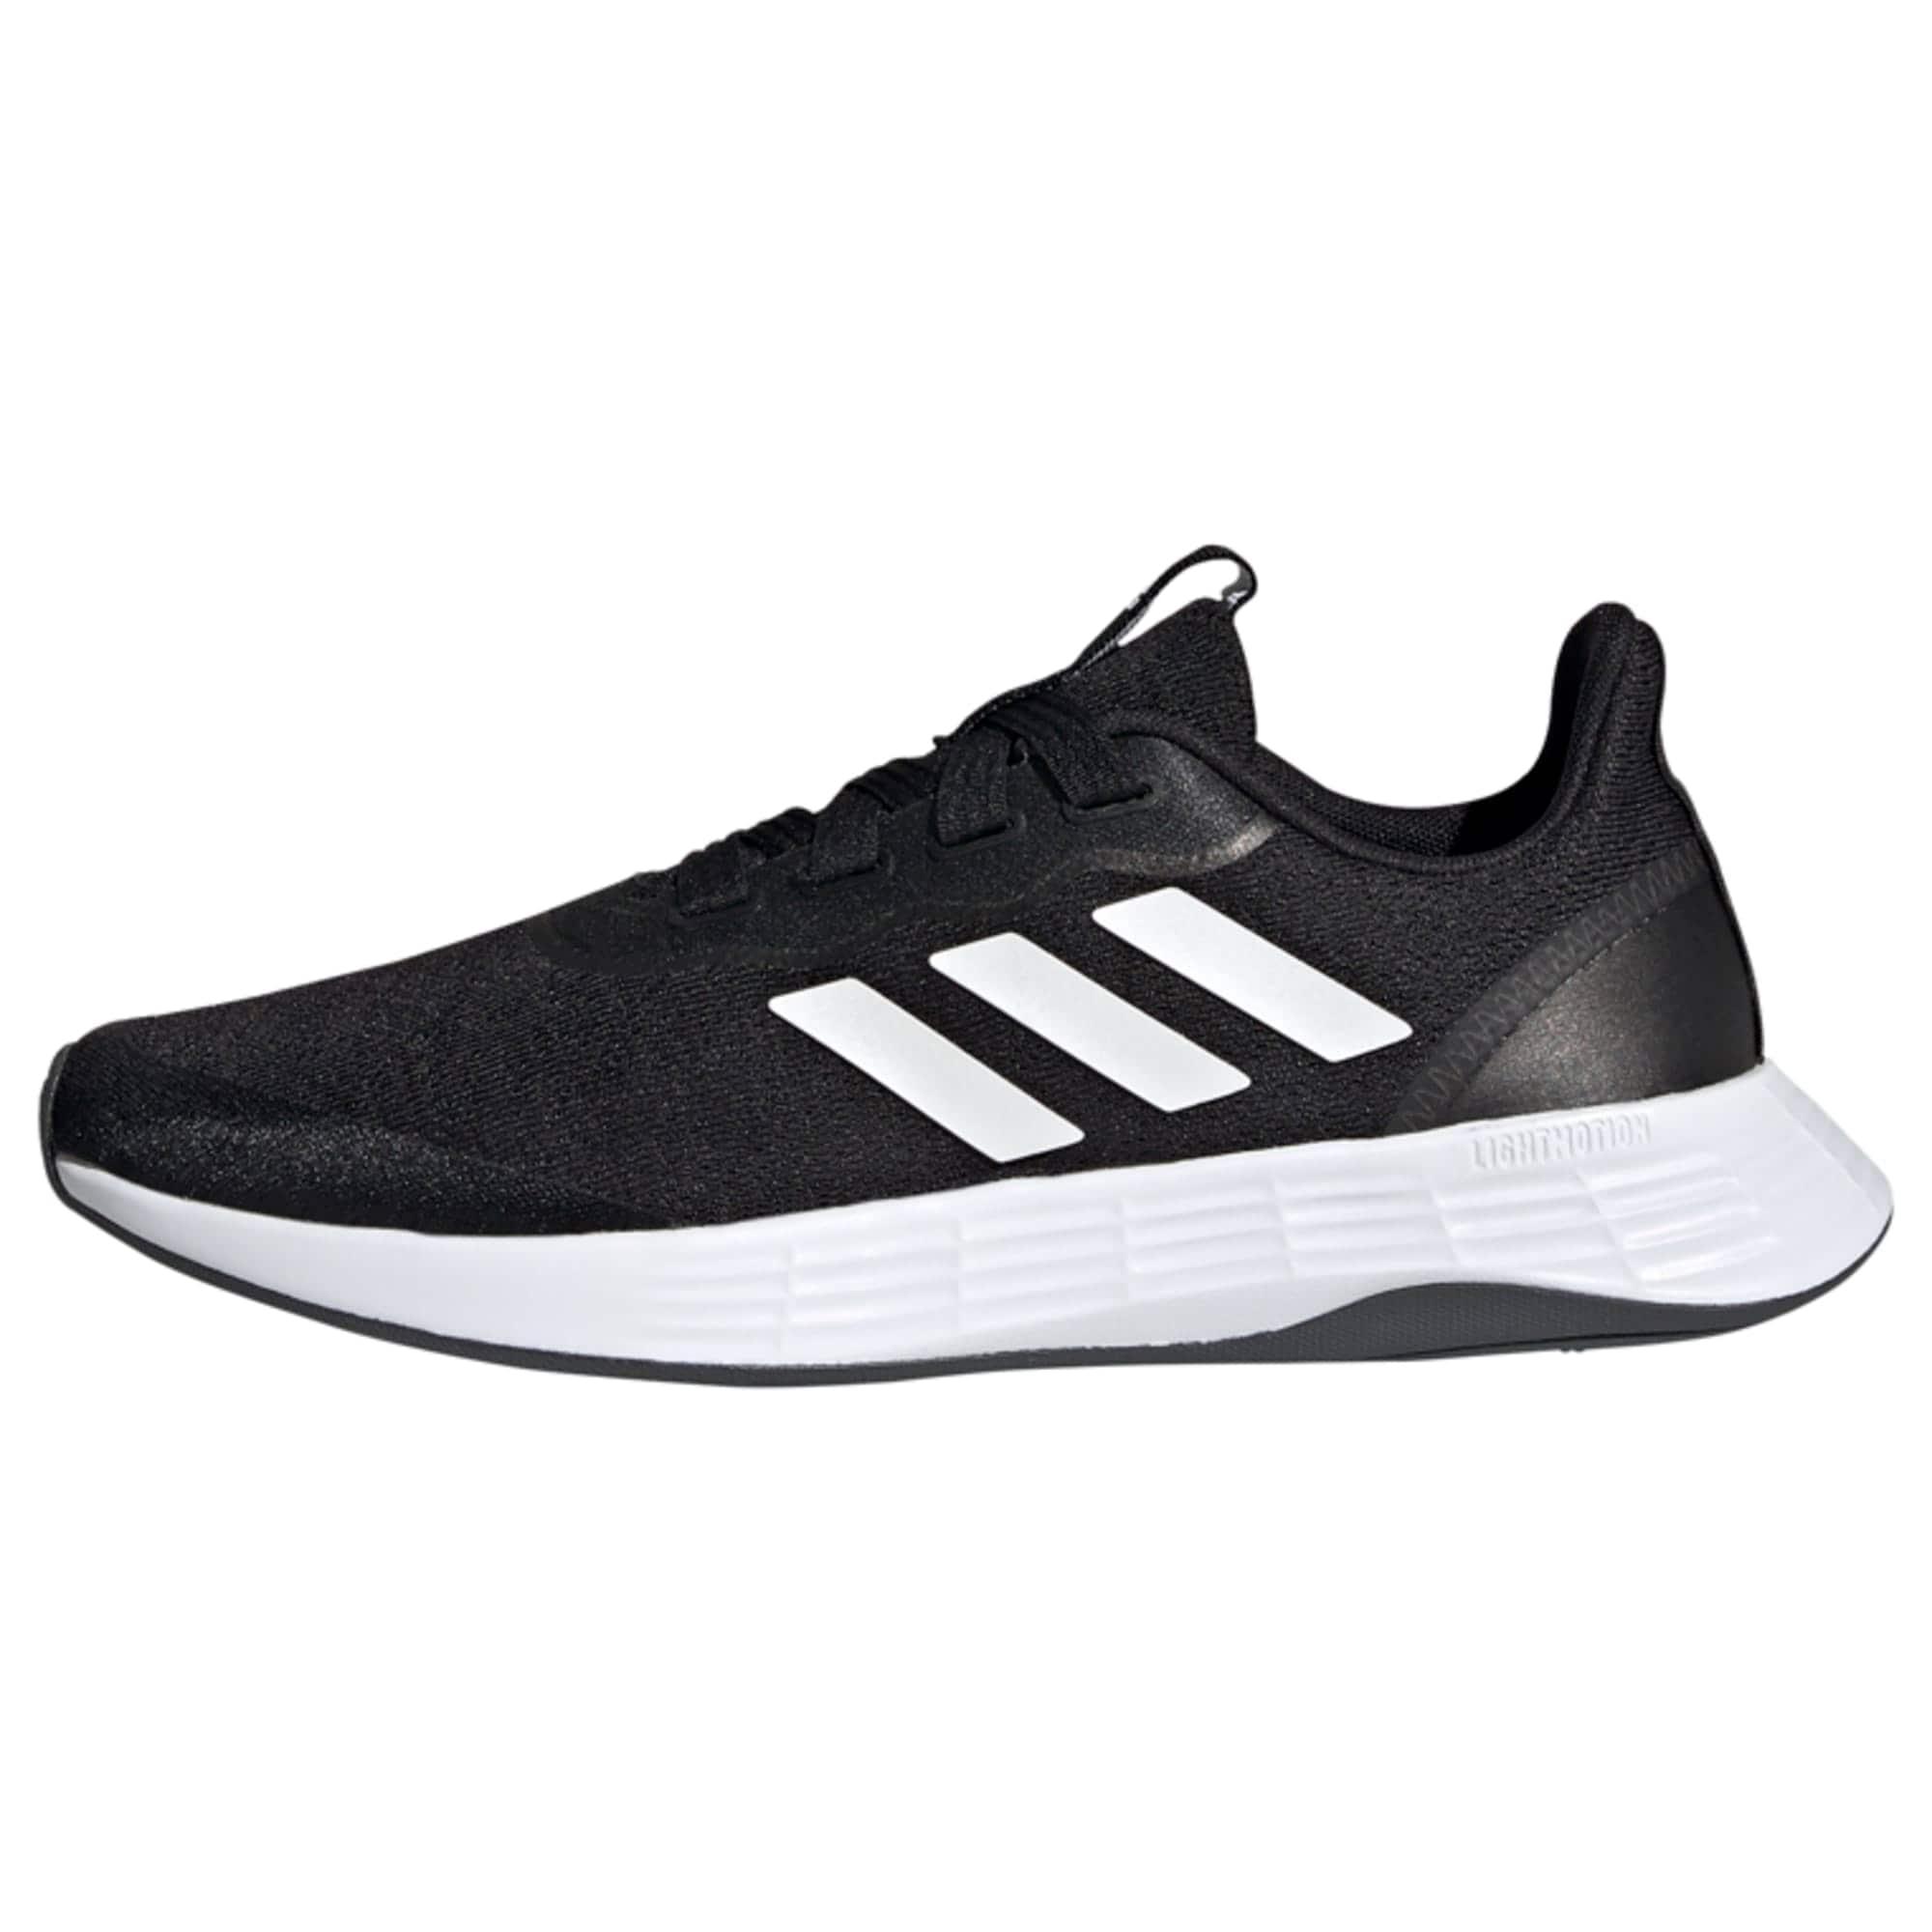 ADIDAS PERFORMANCE Chaussure de course  - Noir - Taille: 5 - female